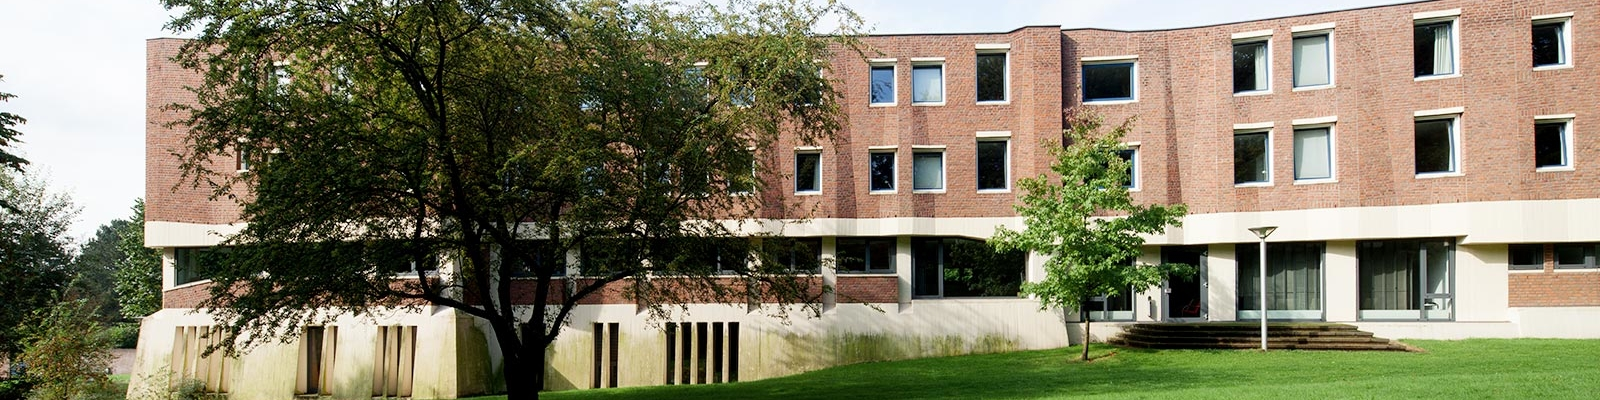 Außenansicht Akademiegebäude